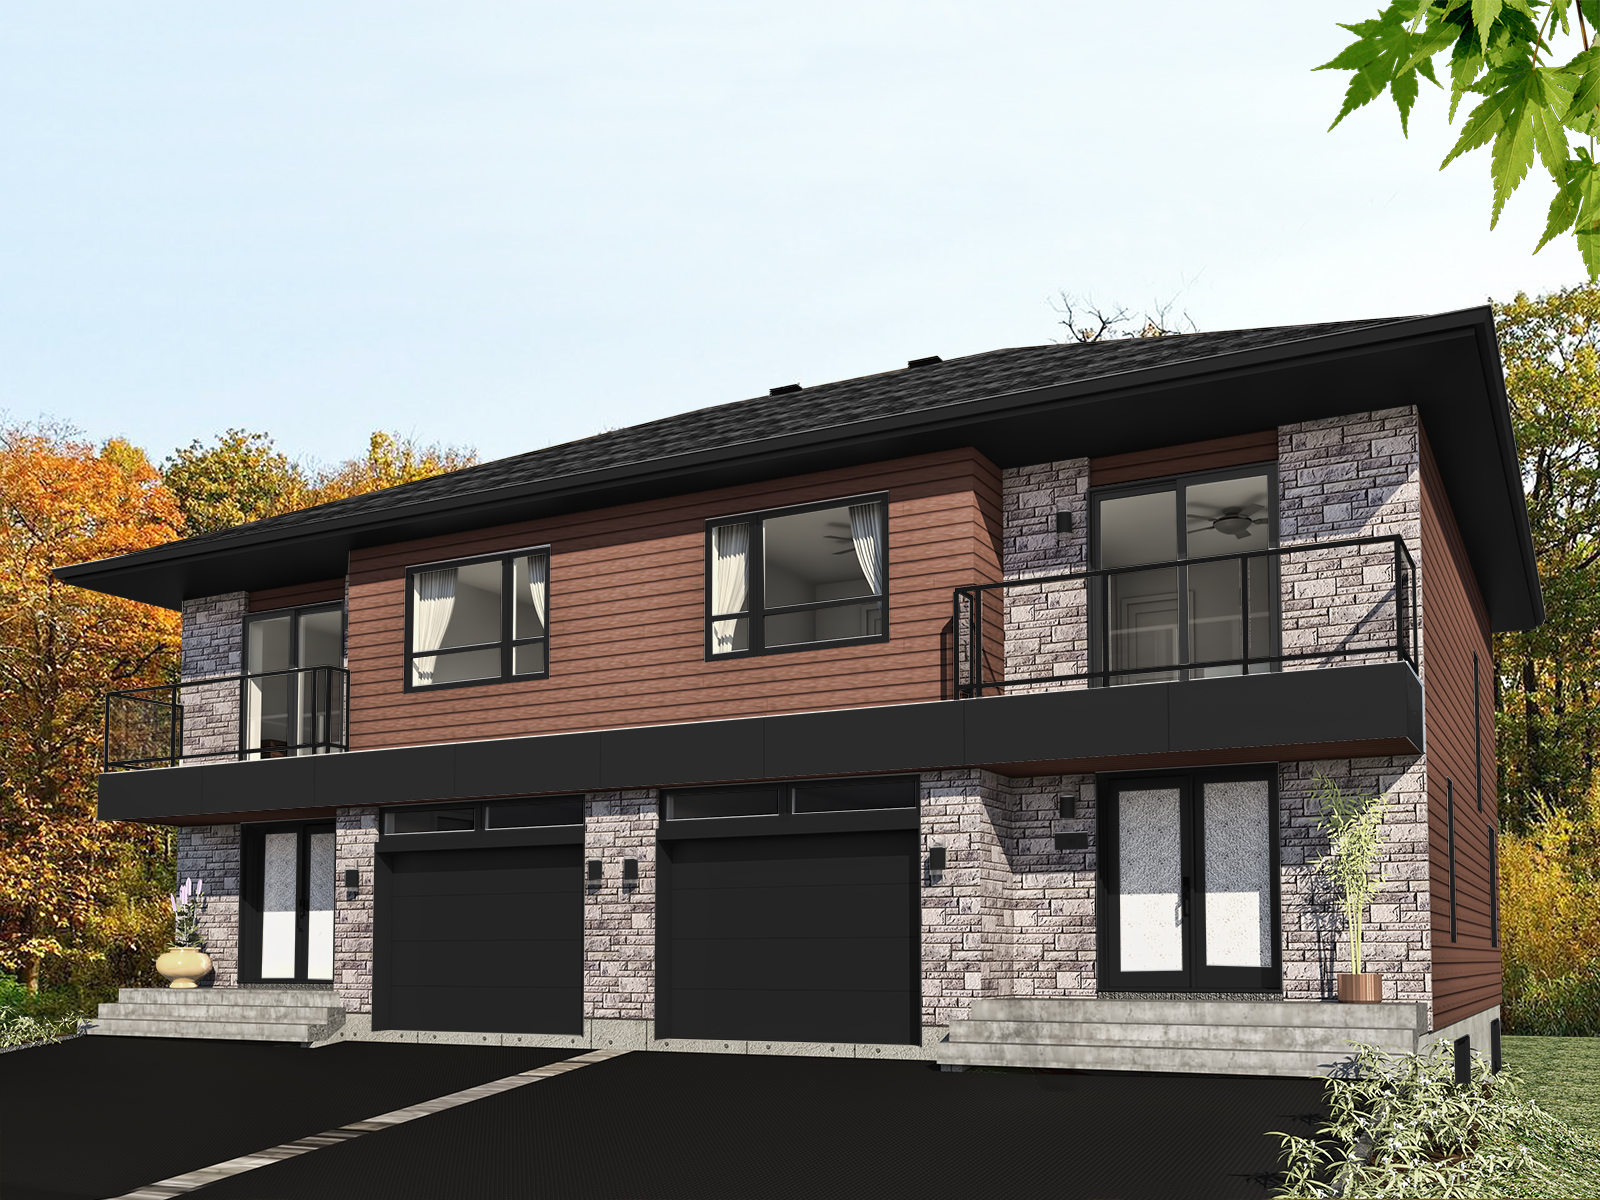 J 1006 rendu noir for Modele maison 2 etage avec garage